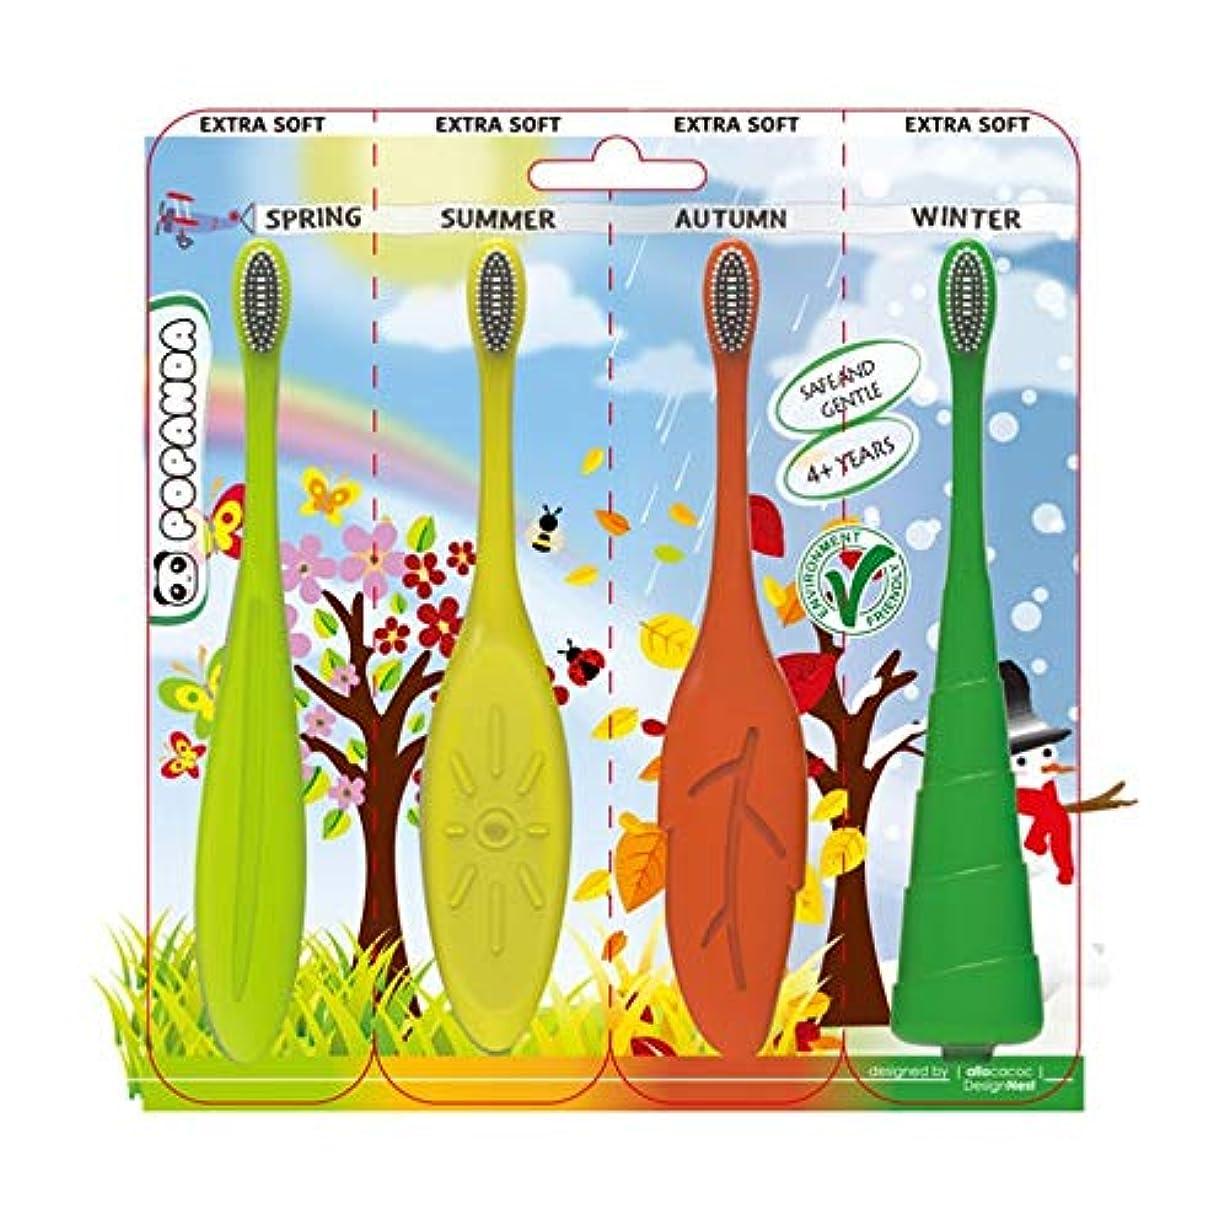 裕福な雷雨暴露する(4個) Baby 幼児 四季 シリコン歯ブラシ Set Baby Kid's Gift Seasonal Silicone Toothbrush 並行輸入